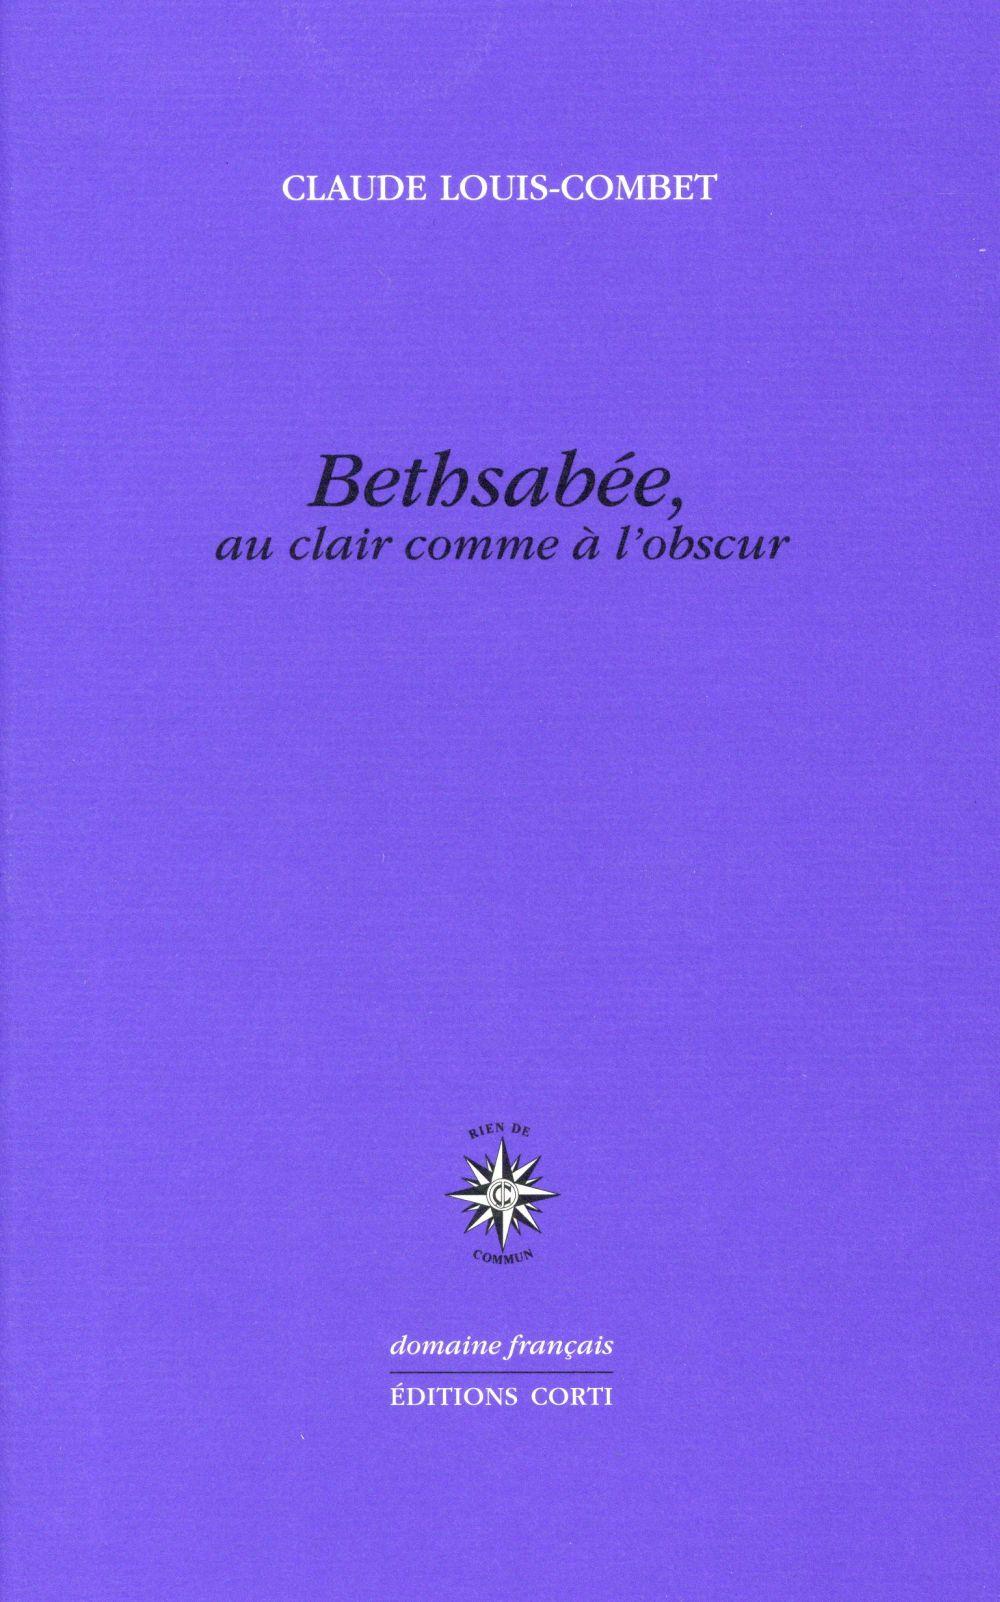 BETHSABEE, AU CLAIR COMME A L'OBSCUR